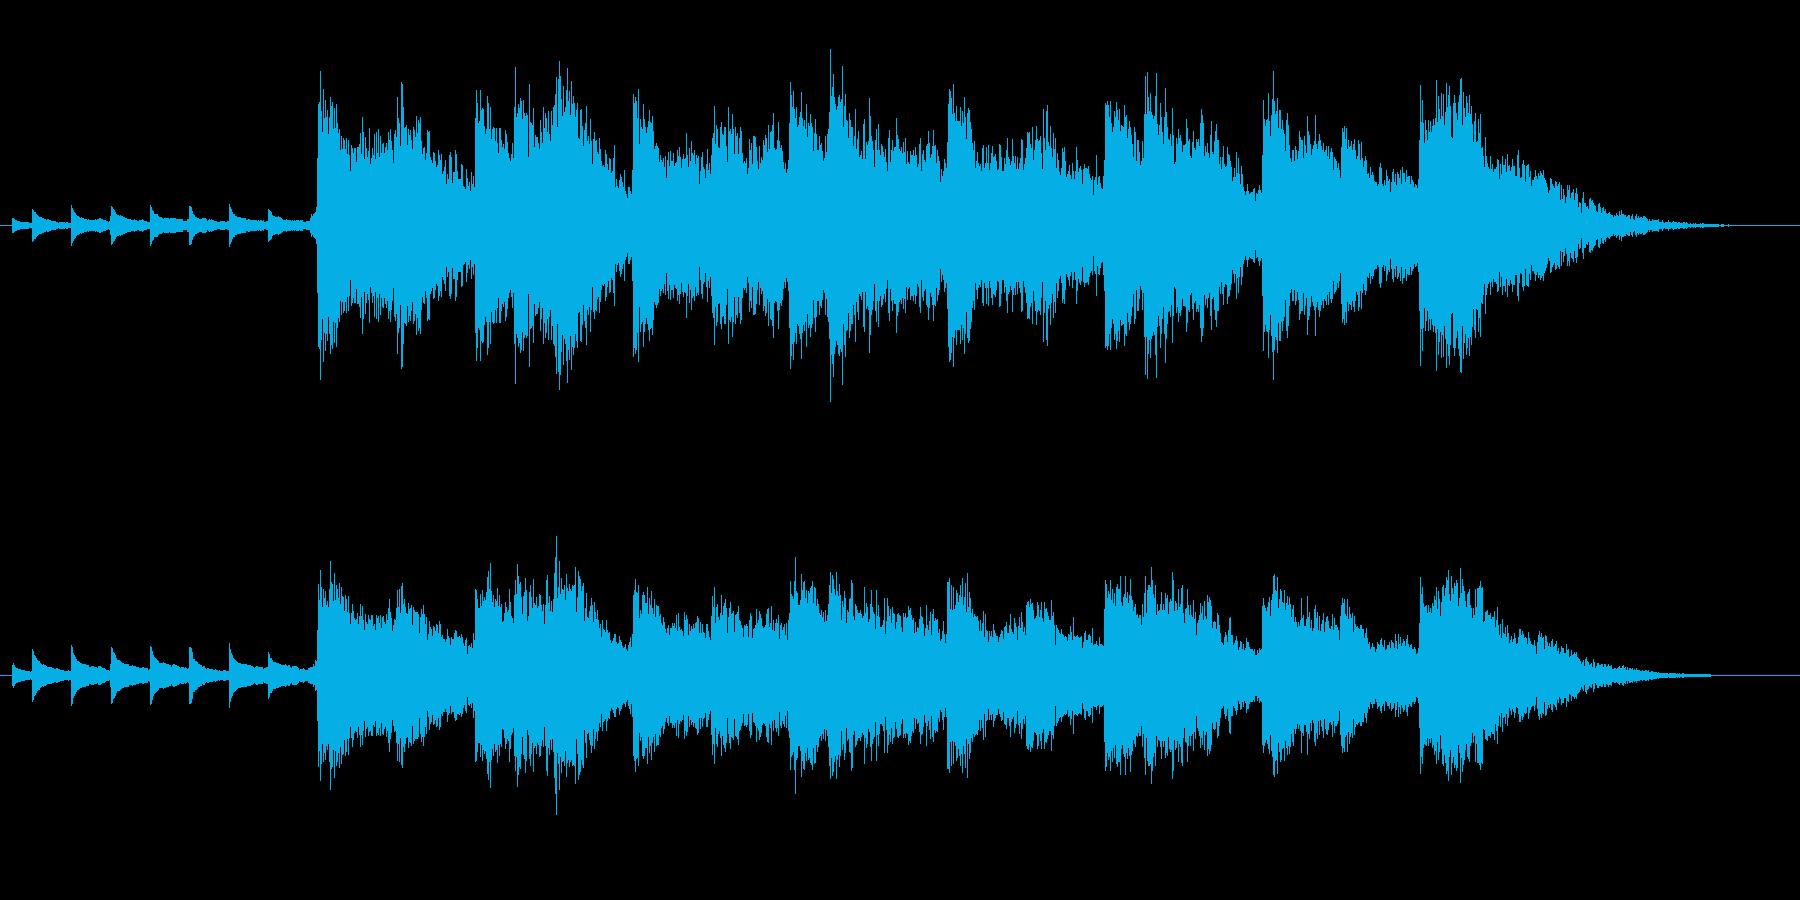 ホラー映画の様な、奇妙な子供の声での合唱の再生済みの波形